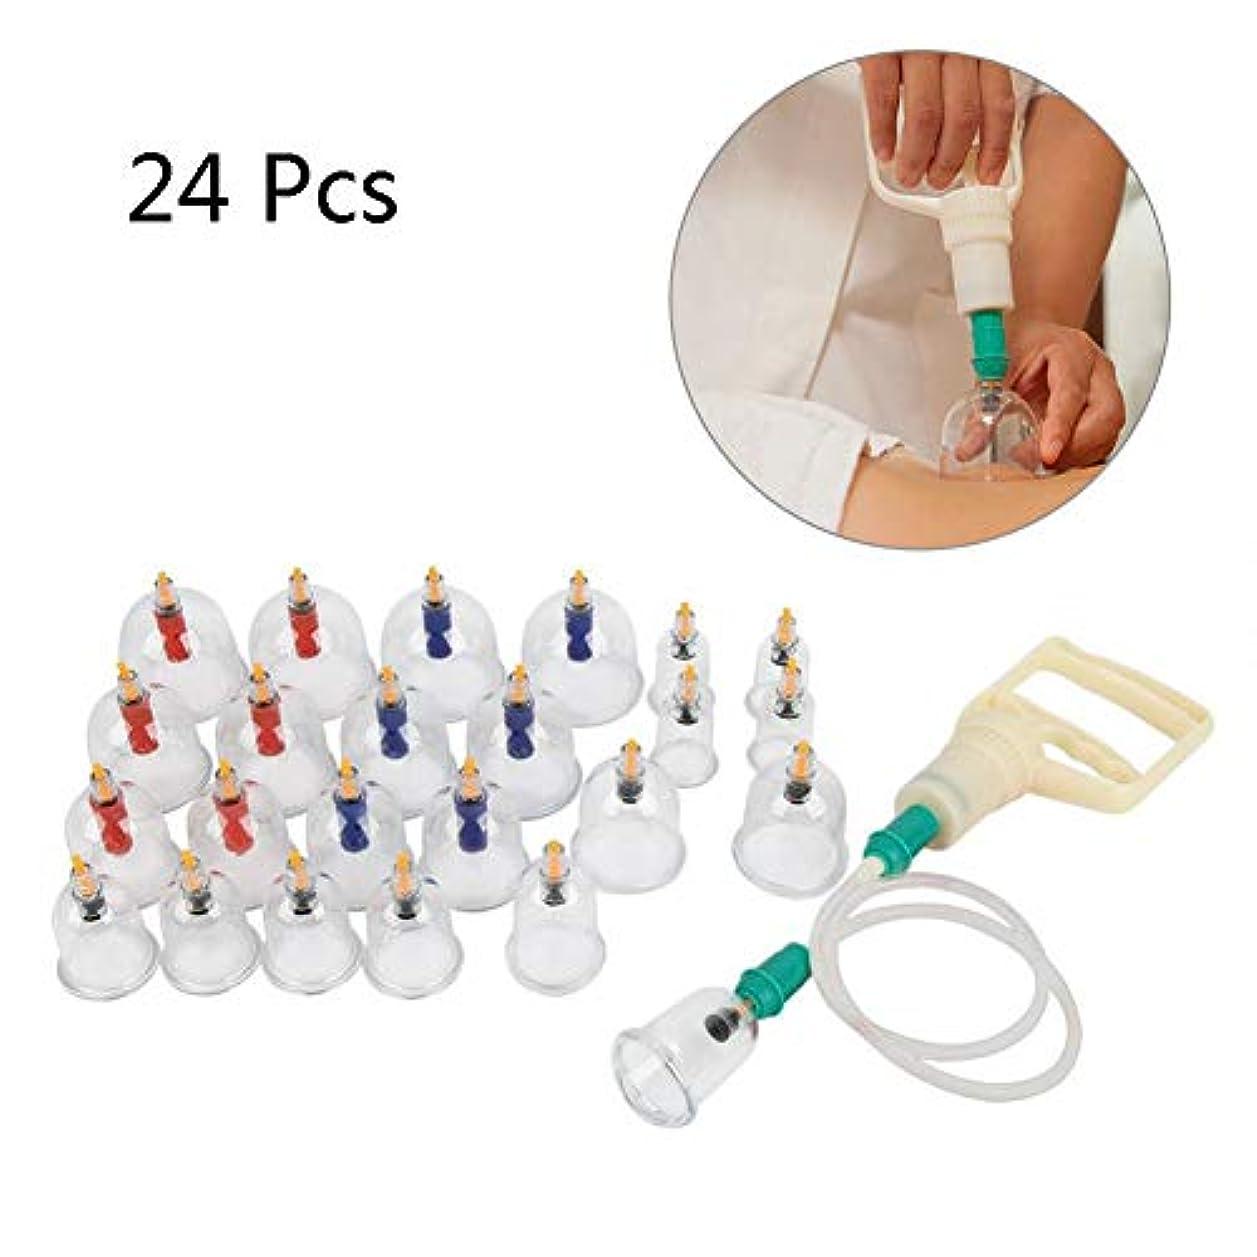 スポンジ毒クモカッピングセット、U字カップ真空カッピングホームフィジカルマッサージセラピー、背中と首の痛み、筋肉の軽減